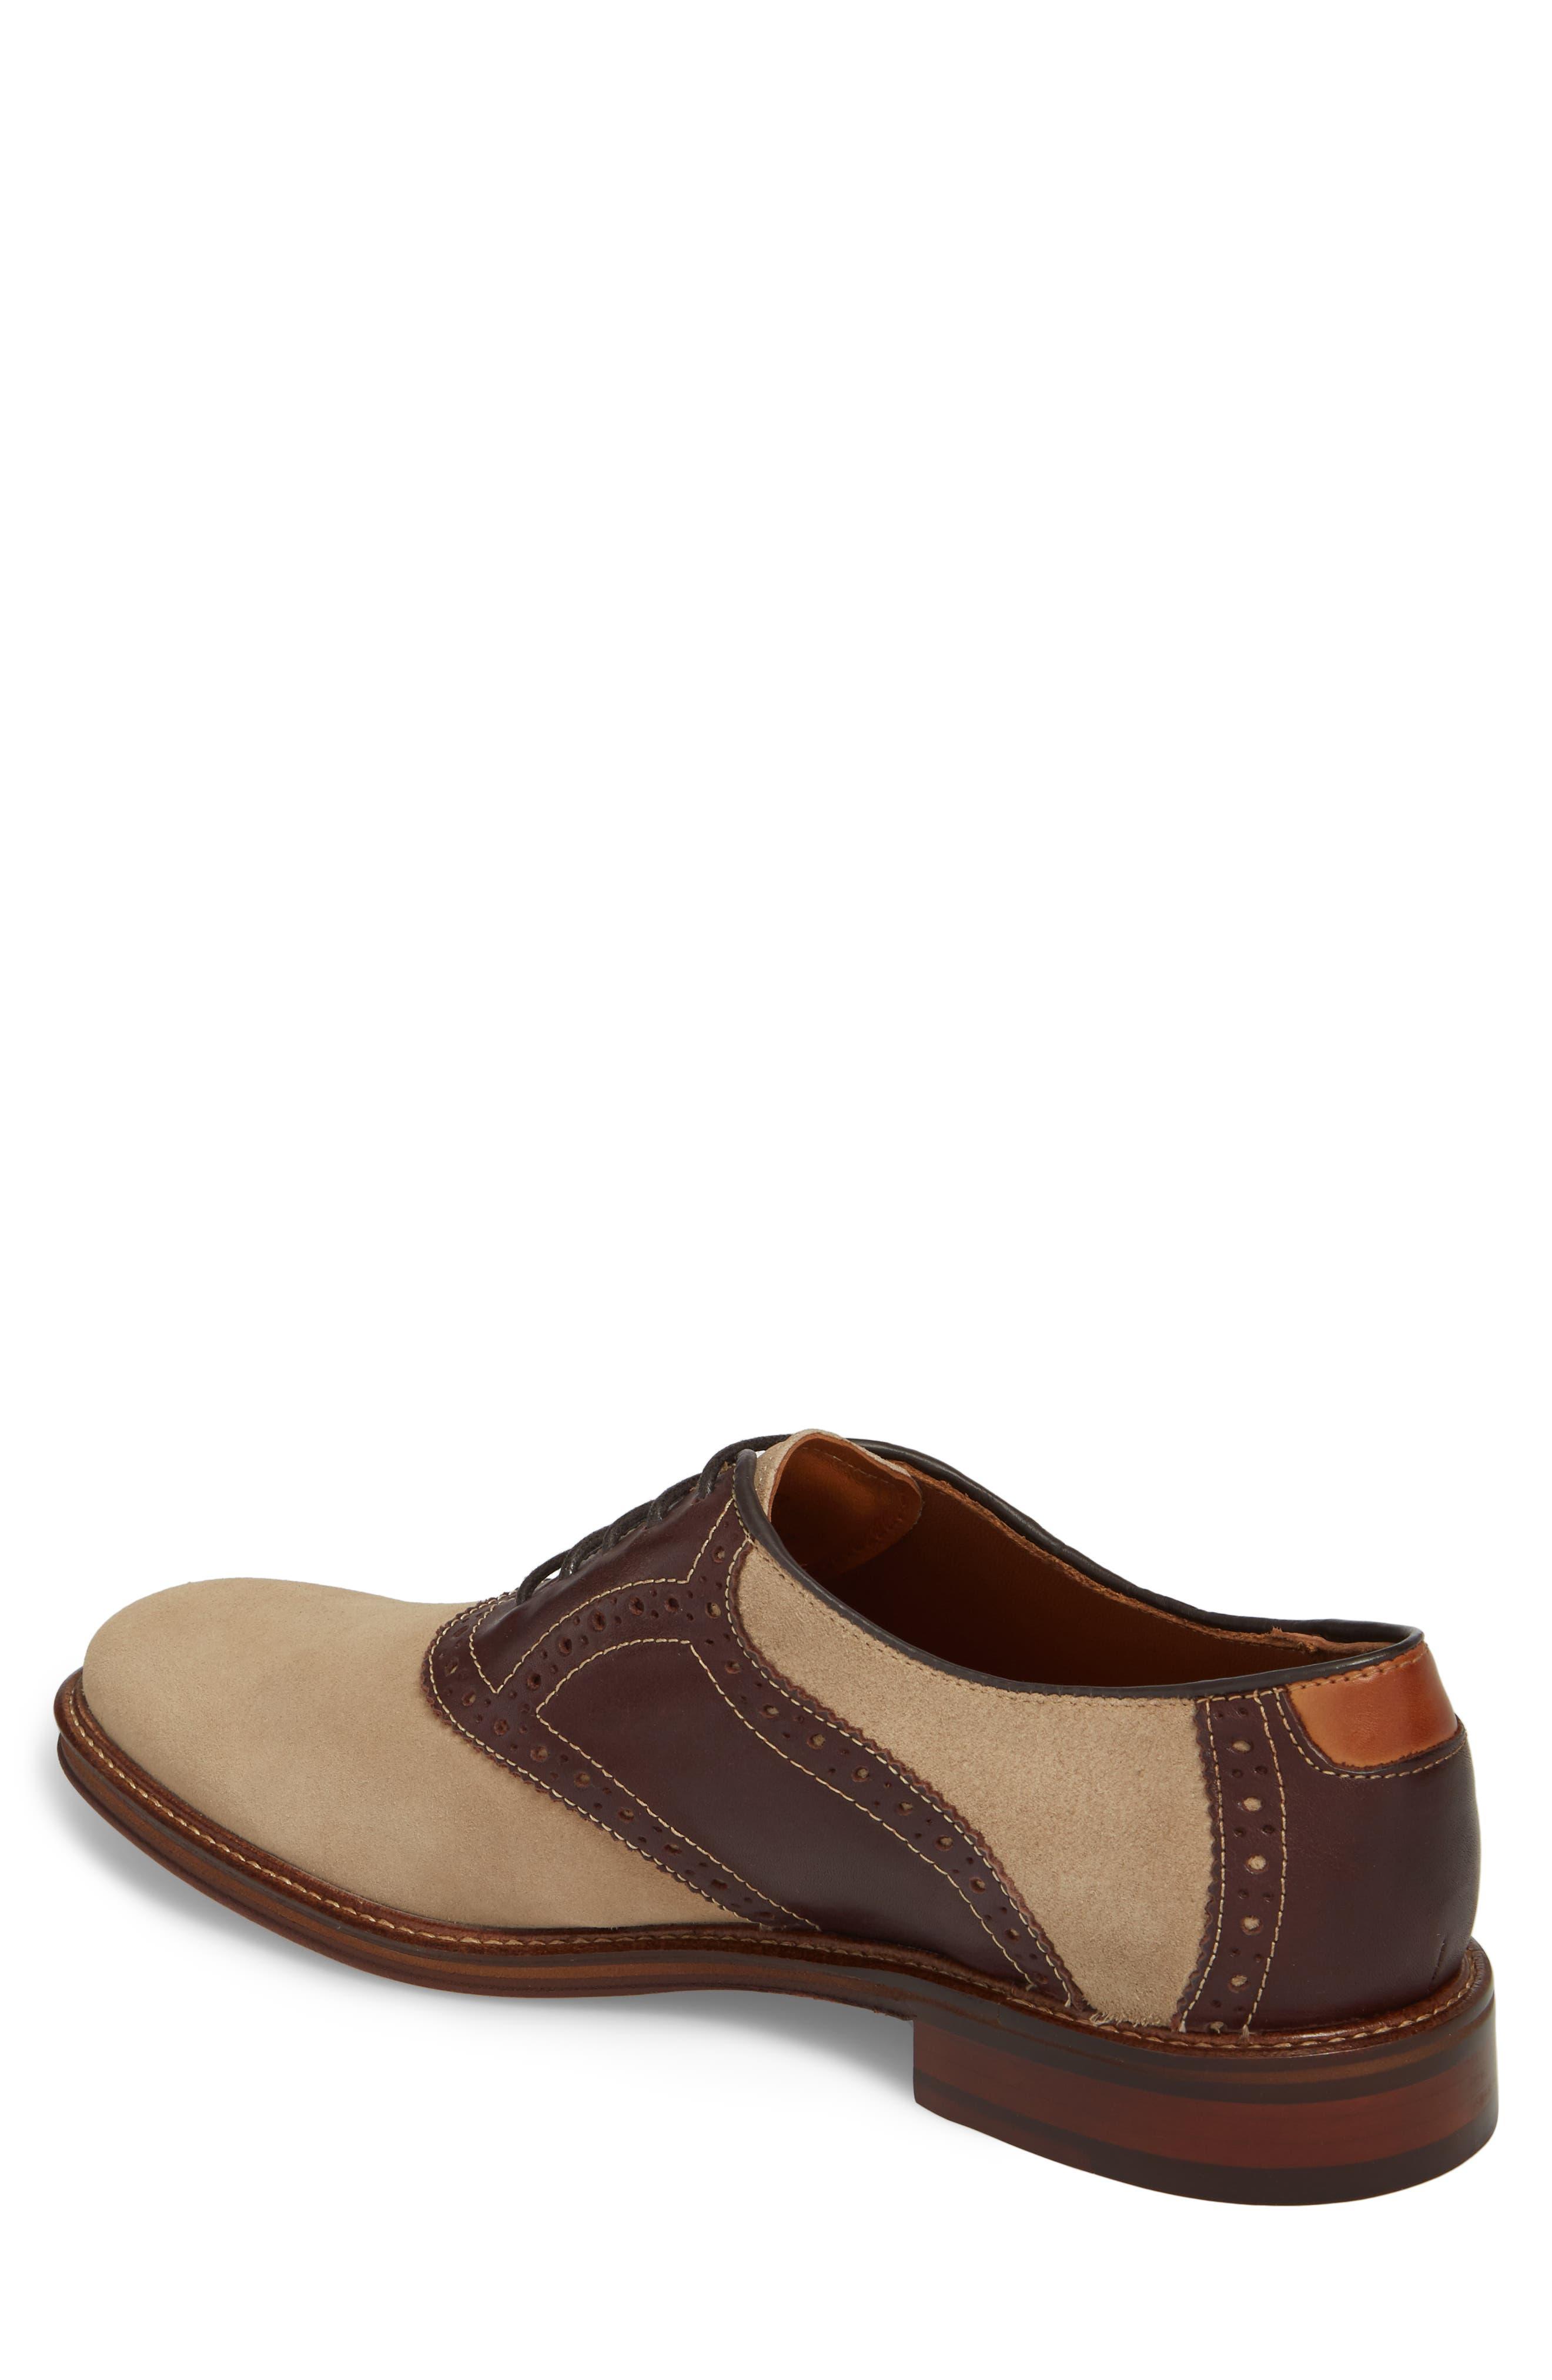 Warner Saddle Shoe,                             Alternate thumbnail 2, color,                             Camel Nubuck